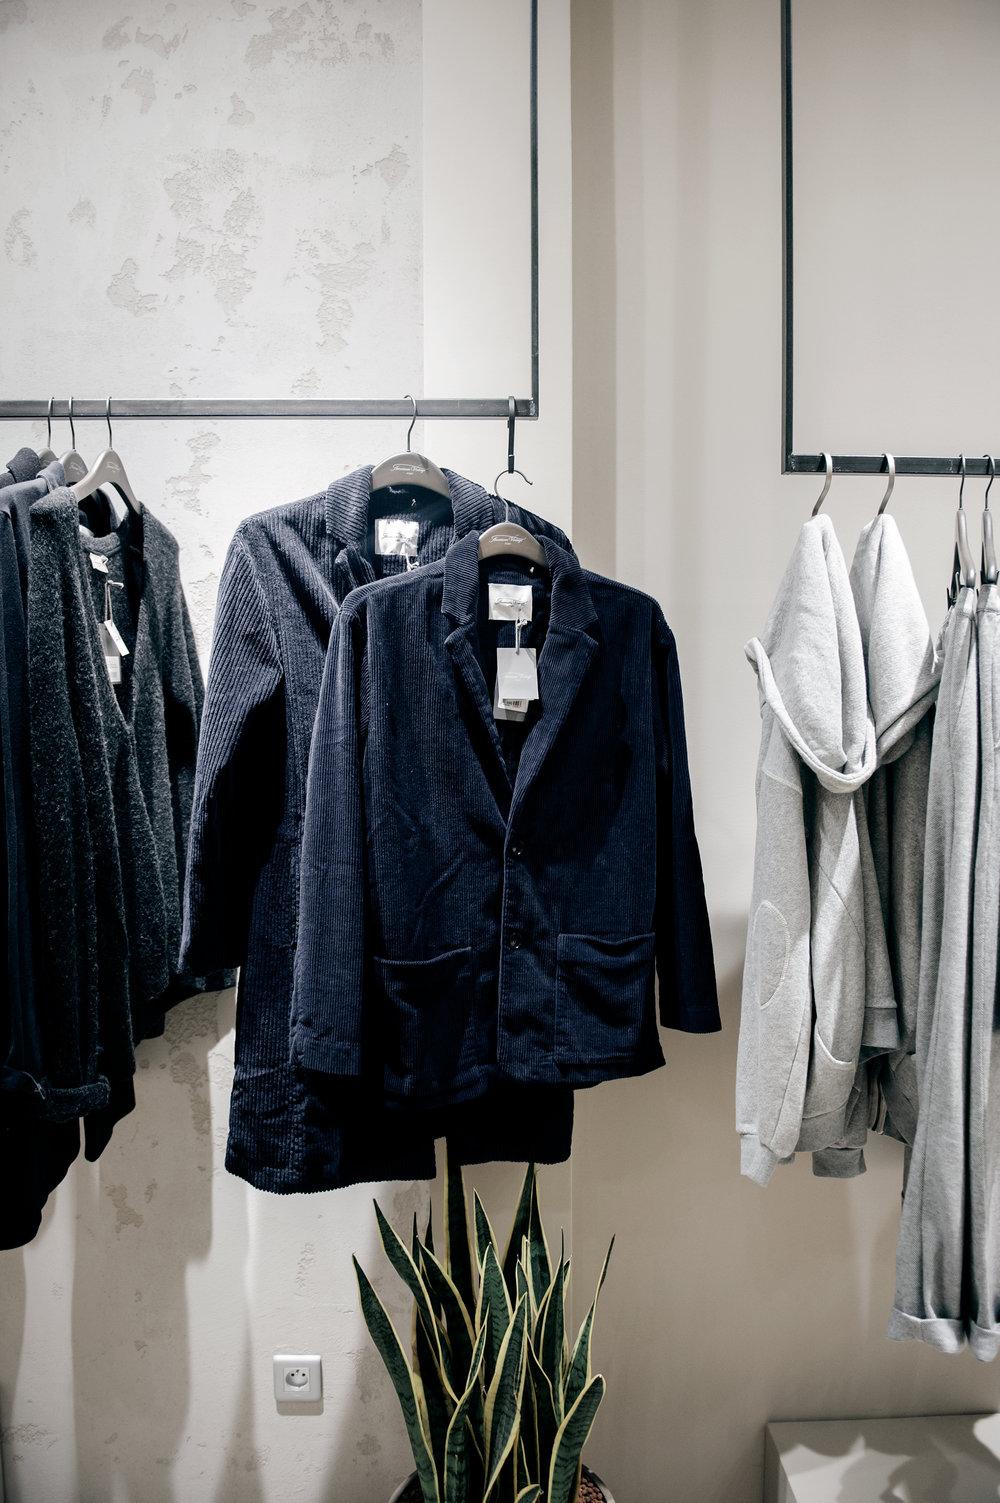 AV_Store_Antwerp_credit_Oona_SMET_9.jpg